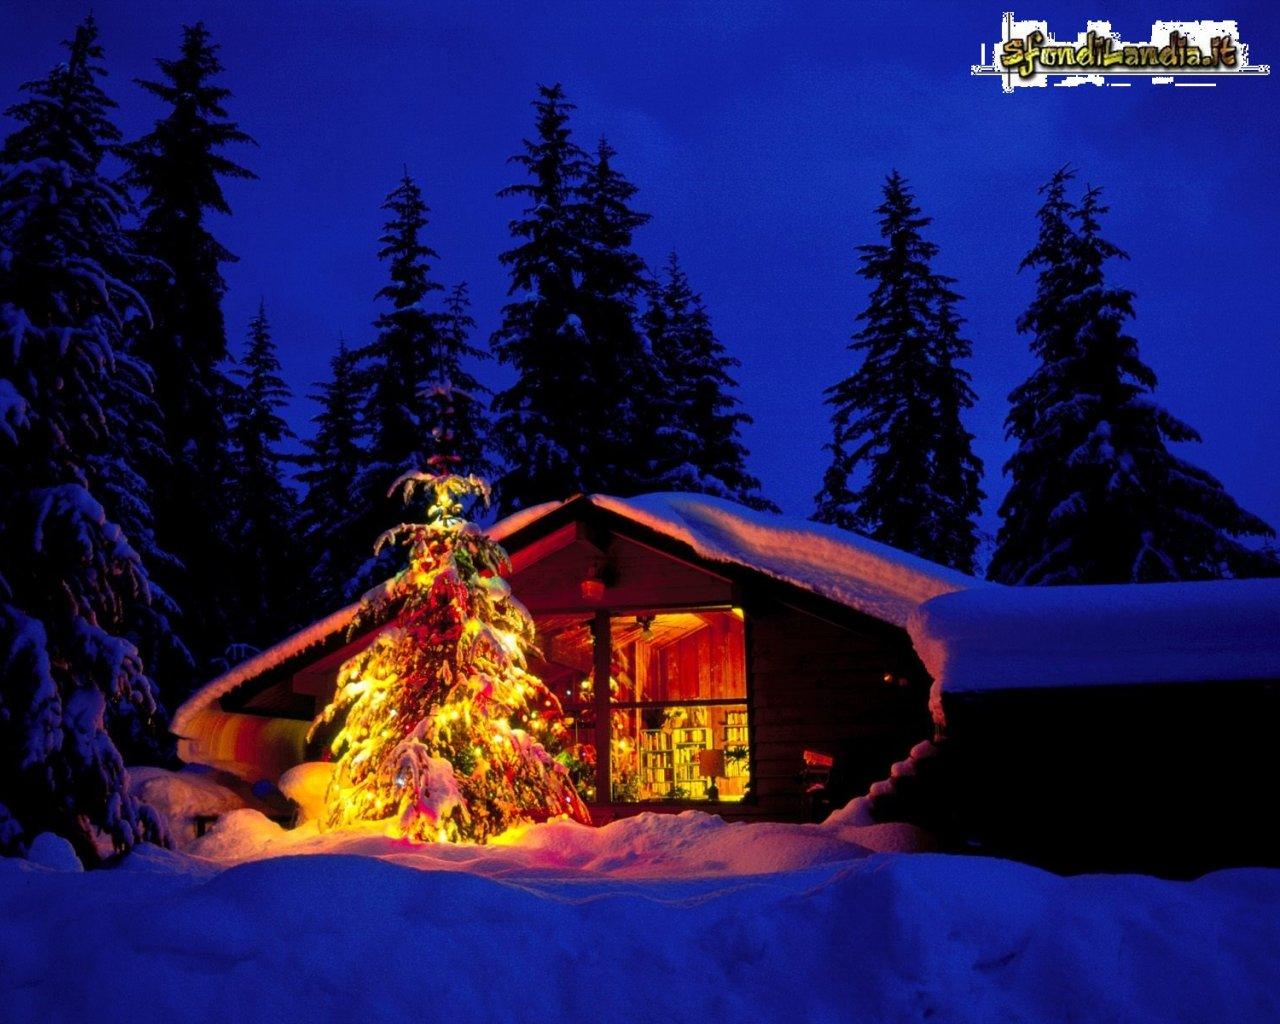 Immagini Natale Per Desktop.Sfondilandia It Sfondo In Hd Gratis Di Baita Di Natale Per Pc Desktop E Smartphone Android E Iphone In Risoluzione 1280x1024